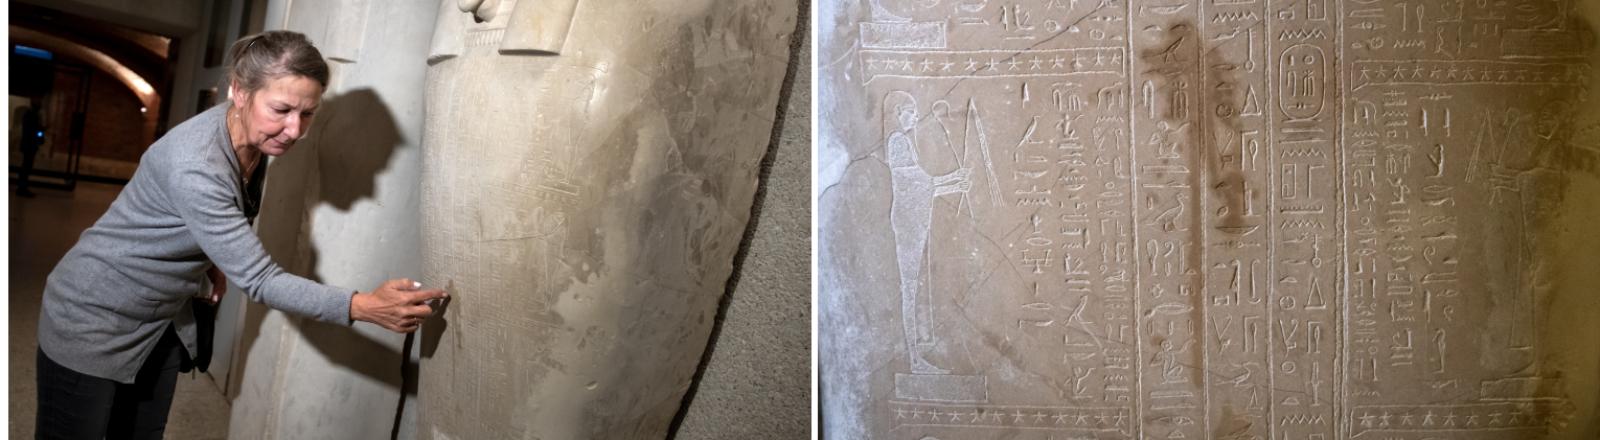 Friederike Seyfried, Direktorin des Ägyptischen Museums, zeigt Spuren der Sachbeschädigungen an einem Sarkophag des Propheten Ahmose (links) und die Spuren im Detail (rechts)